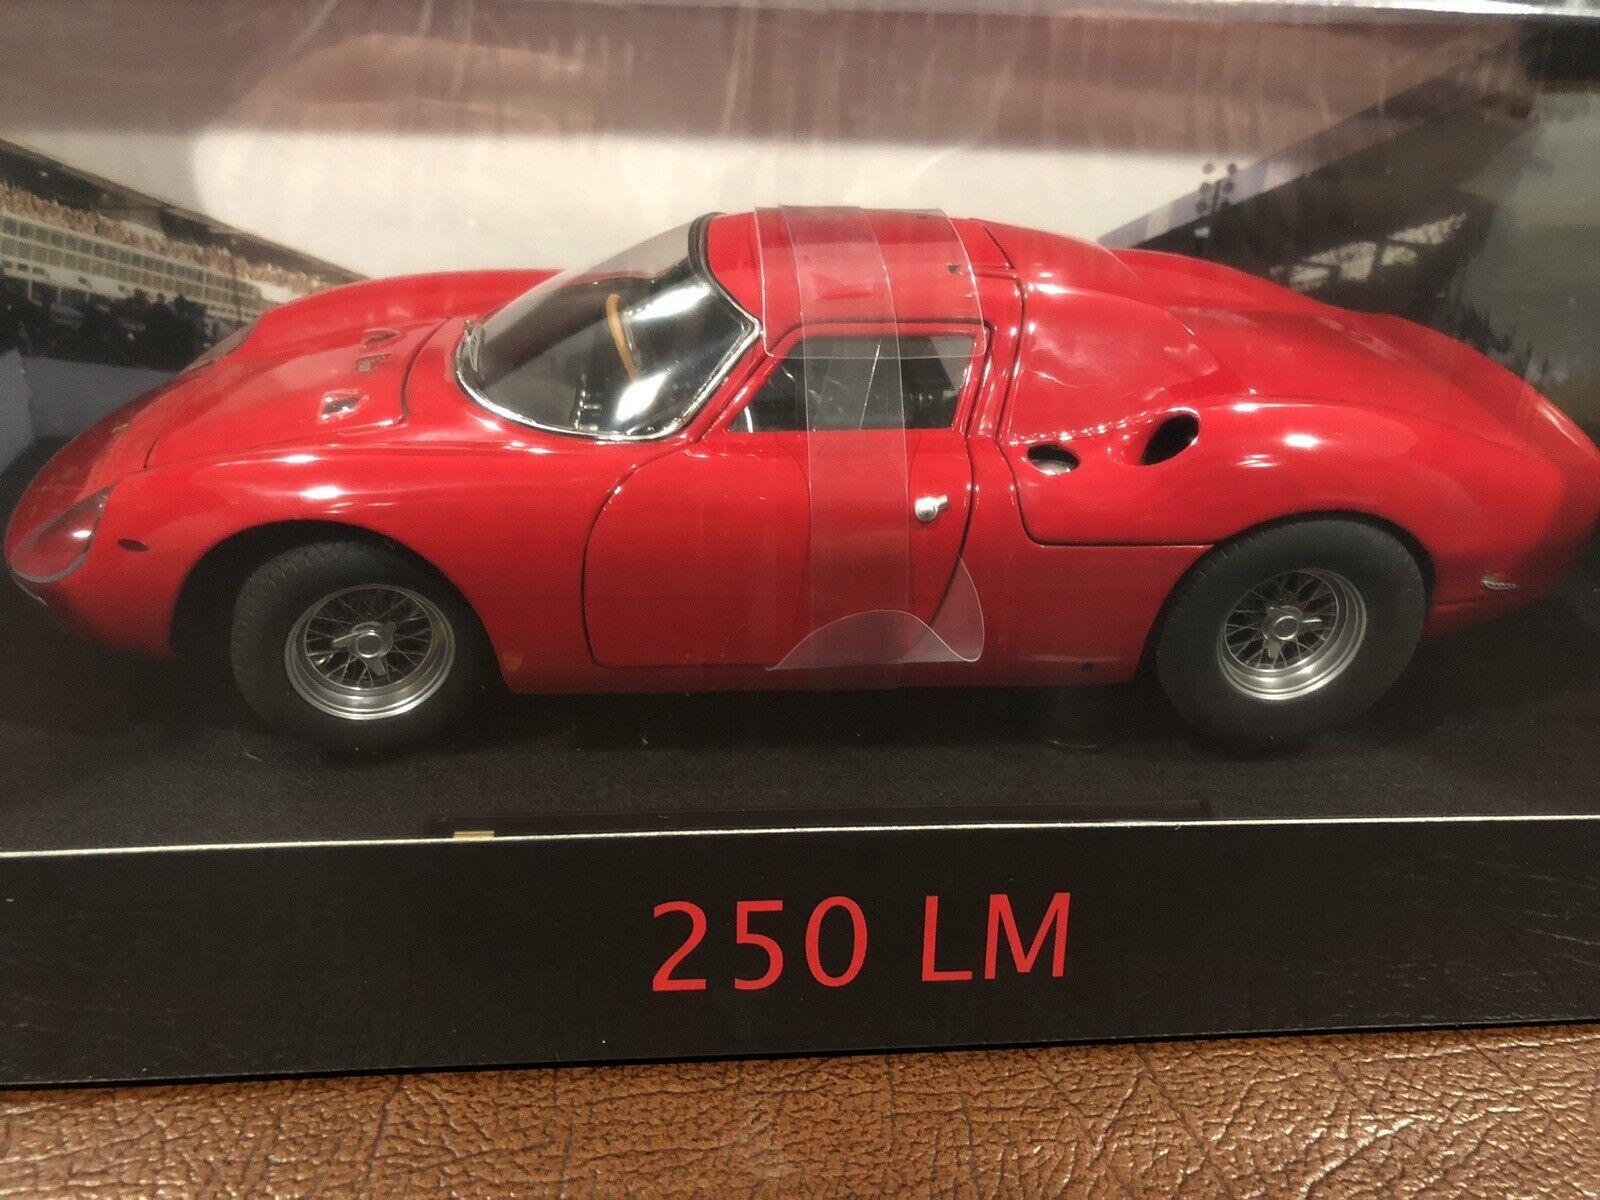 mejor calidad mejor precio 1 18 Hot Wheels Elite Ferrari 250 250 250 LM,  Raro   nuevo   Sellado   ahorra hasta un 70%